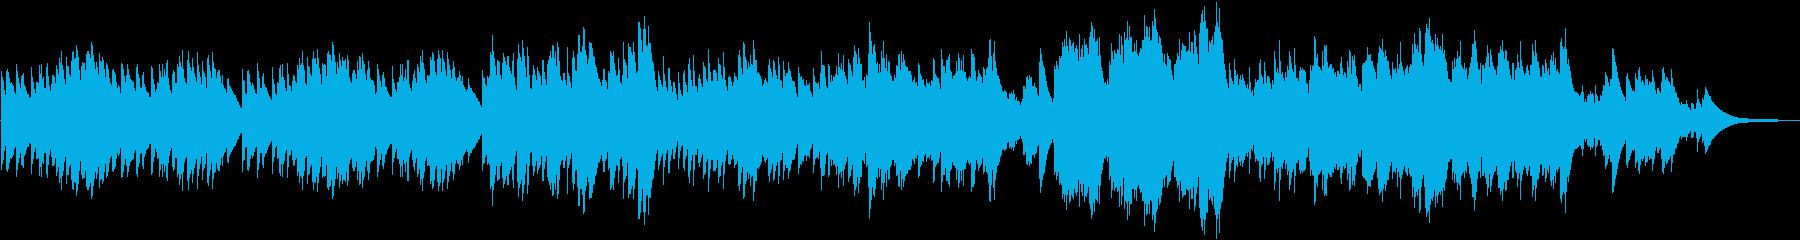 物悲しい雰囲気のオルゴール曲の再生済みの波形